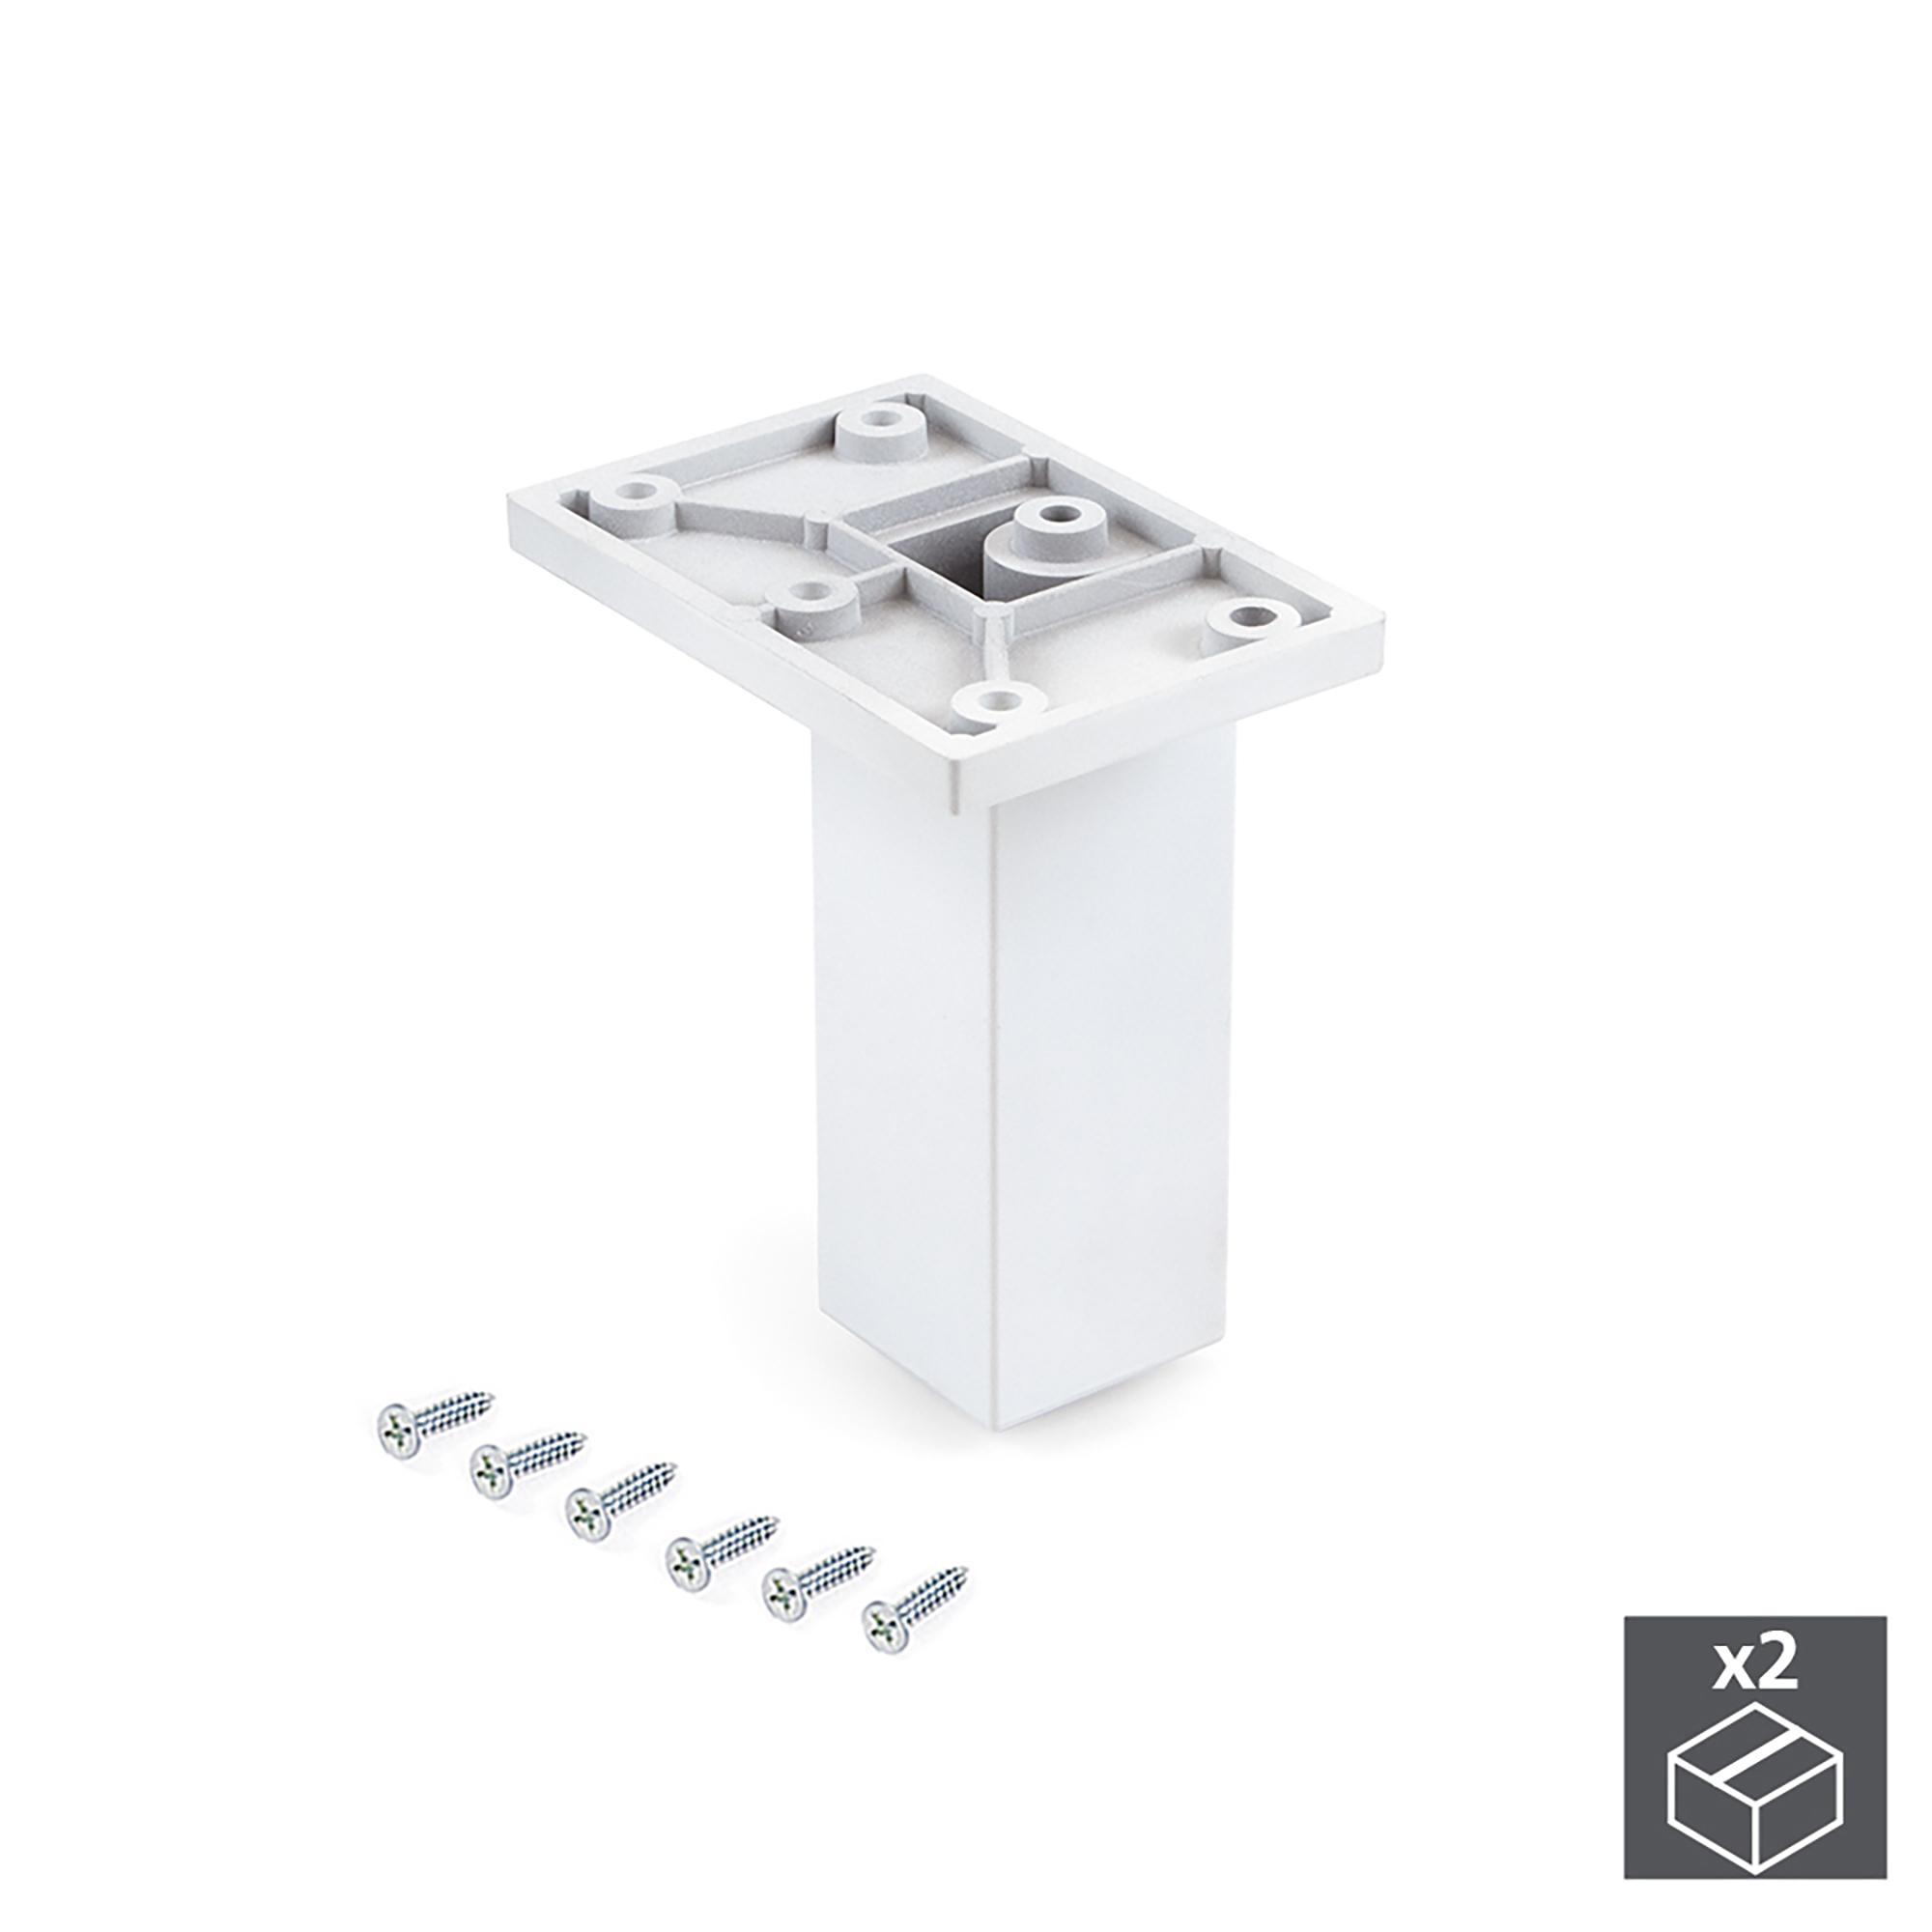 Emuca Piedino per mobile, centrale, regolabile, 100 - 110 mm, Plastica, Bianco, 2 un.